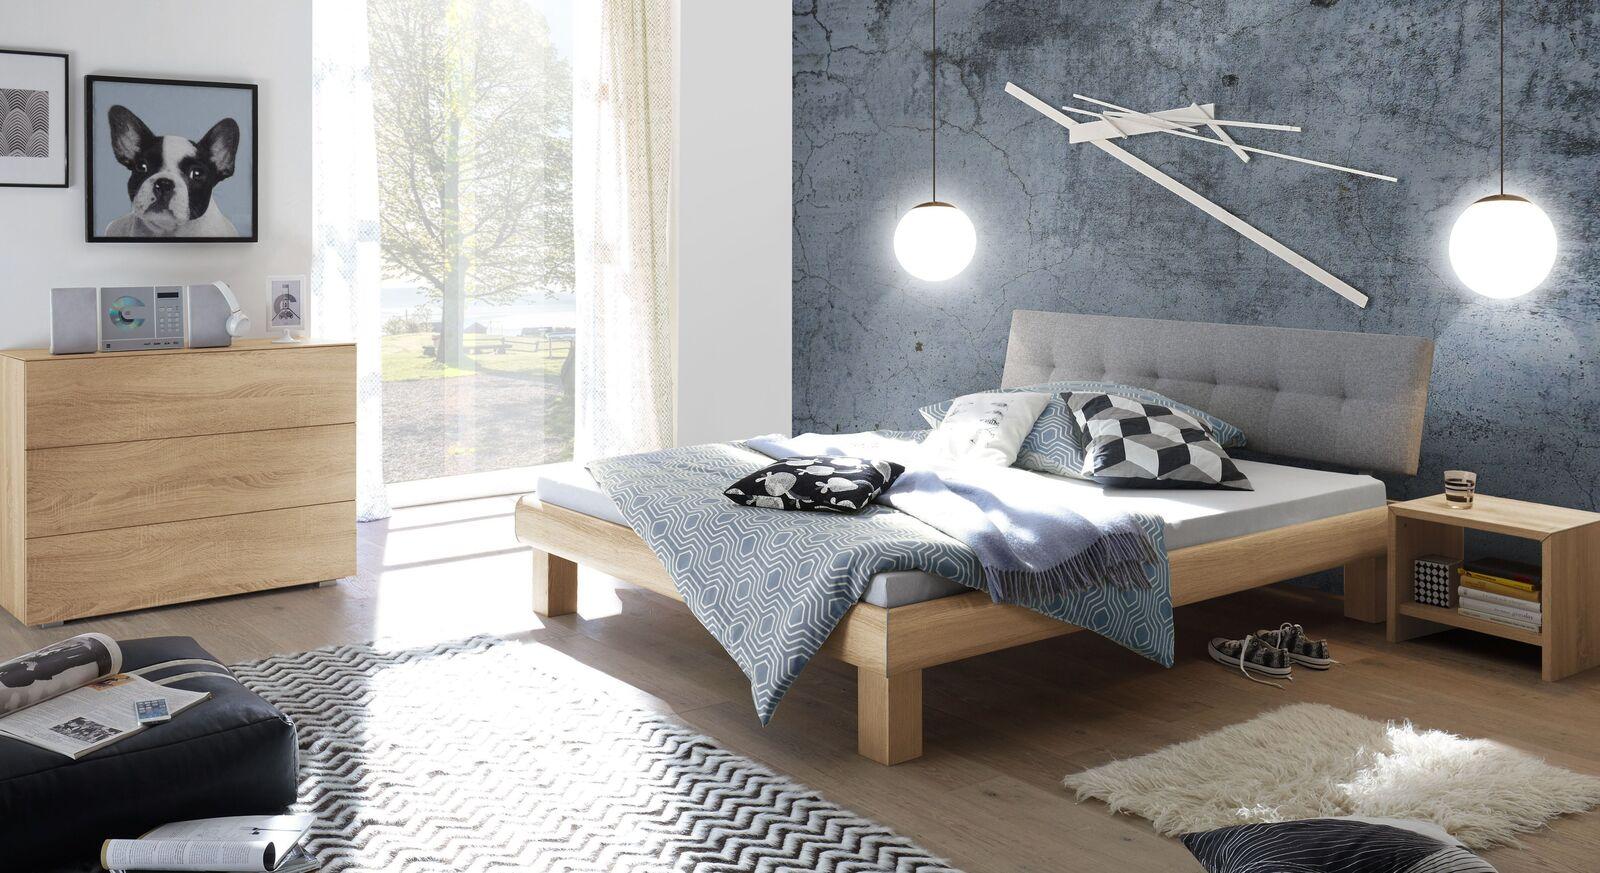 Bett Eastport mit passenden Beimöbeln